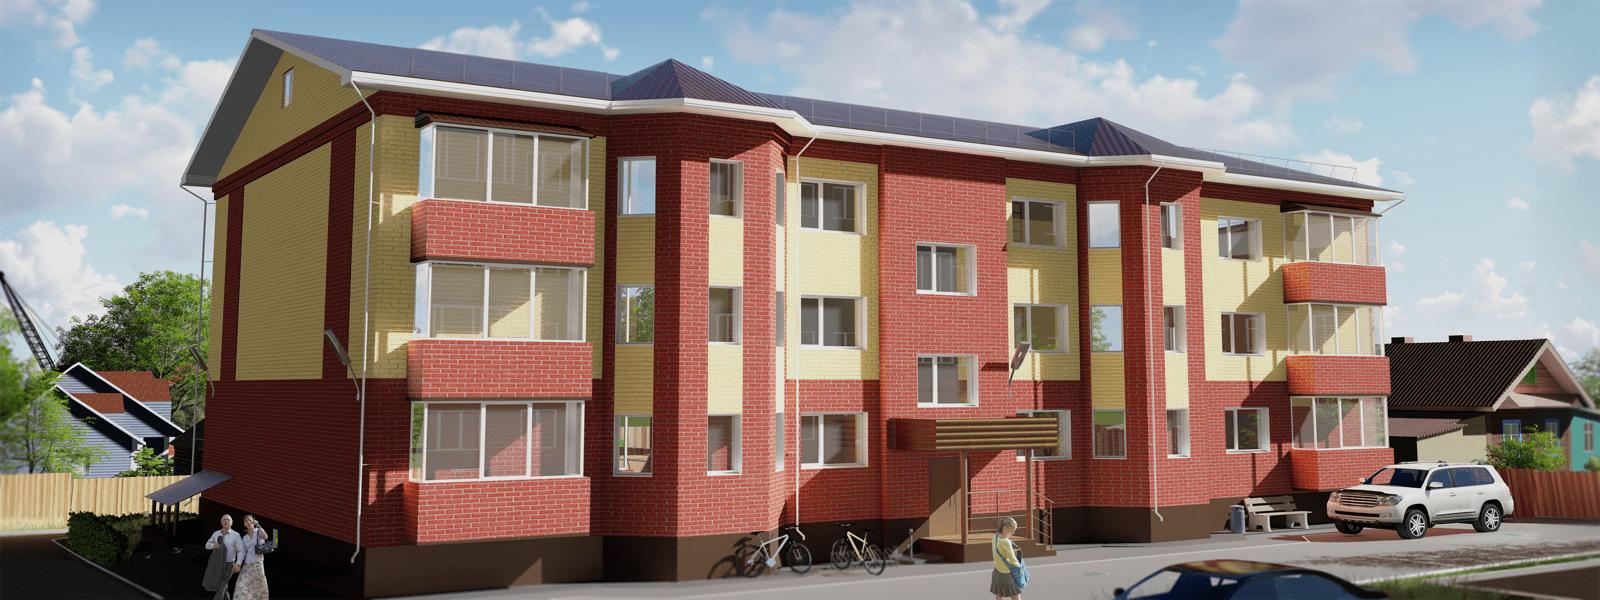 15-квартирный жилой дом по пер. Майский, 4 (район ул. Гагарина)